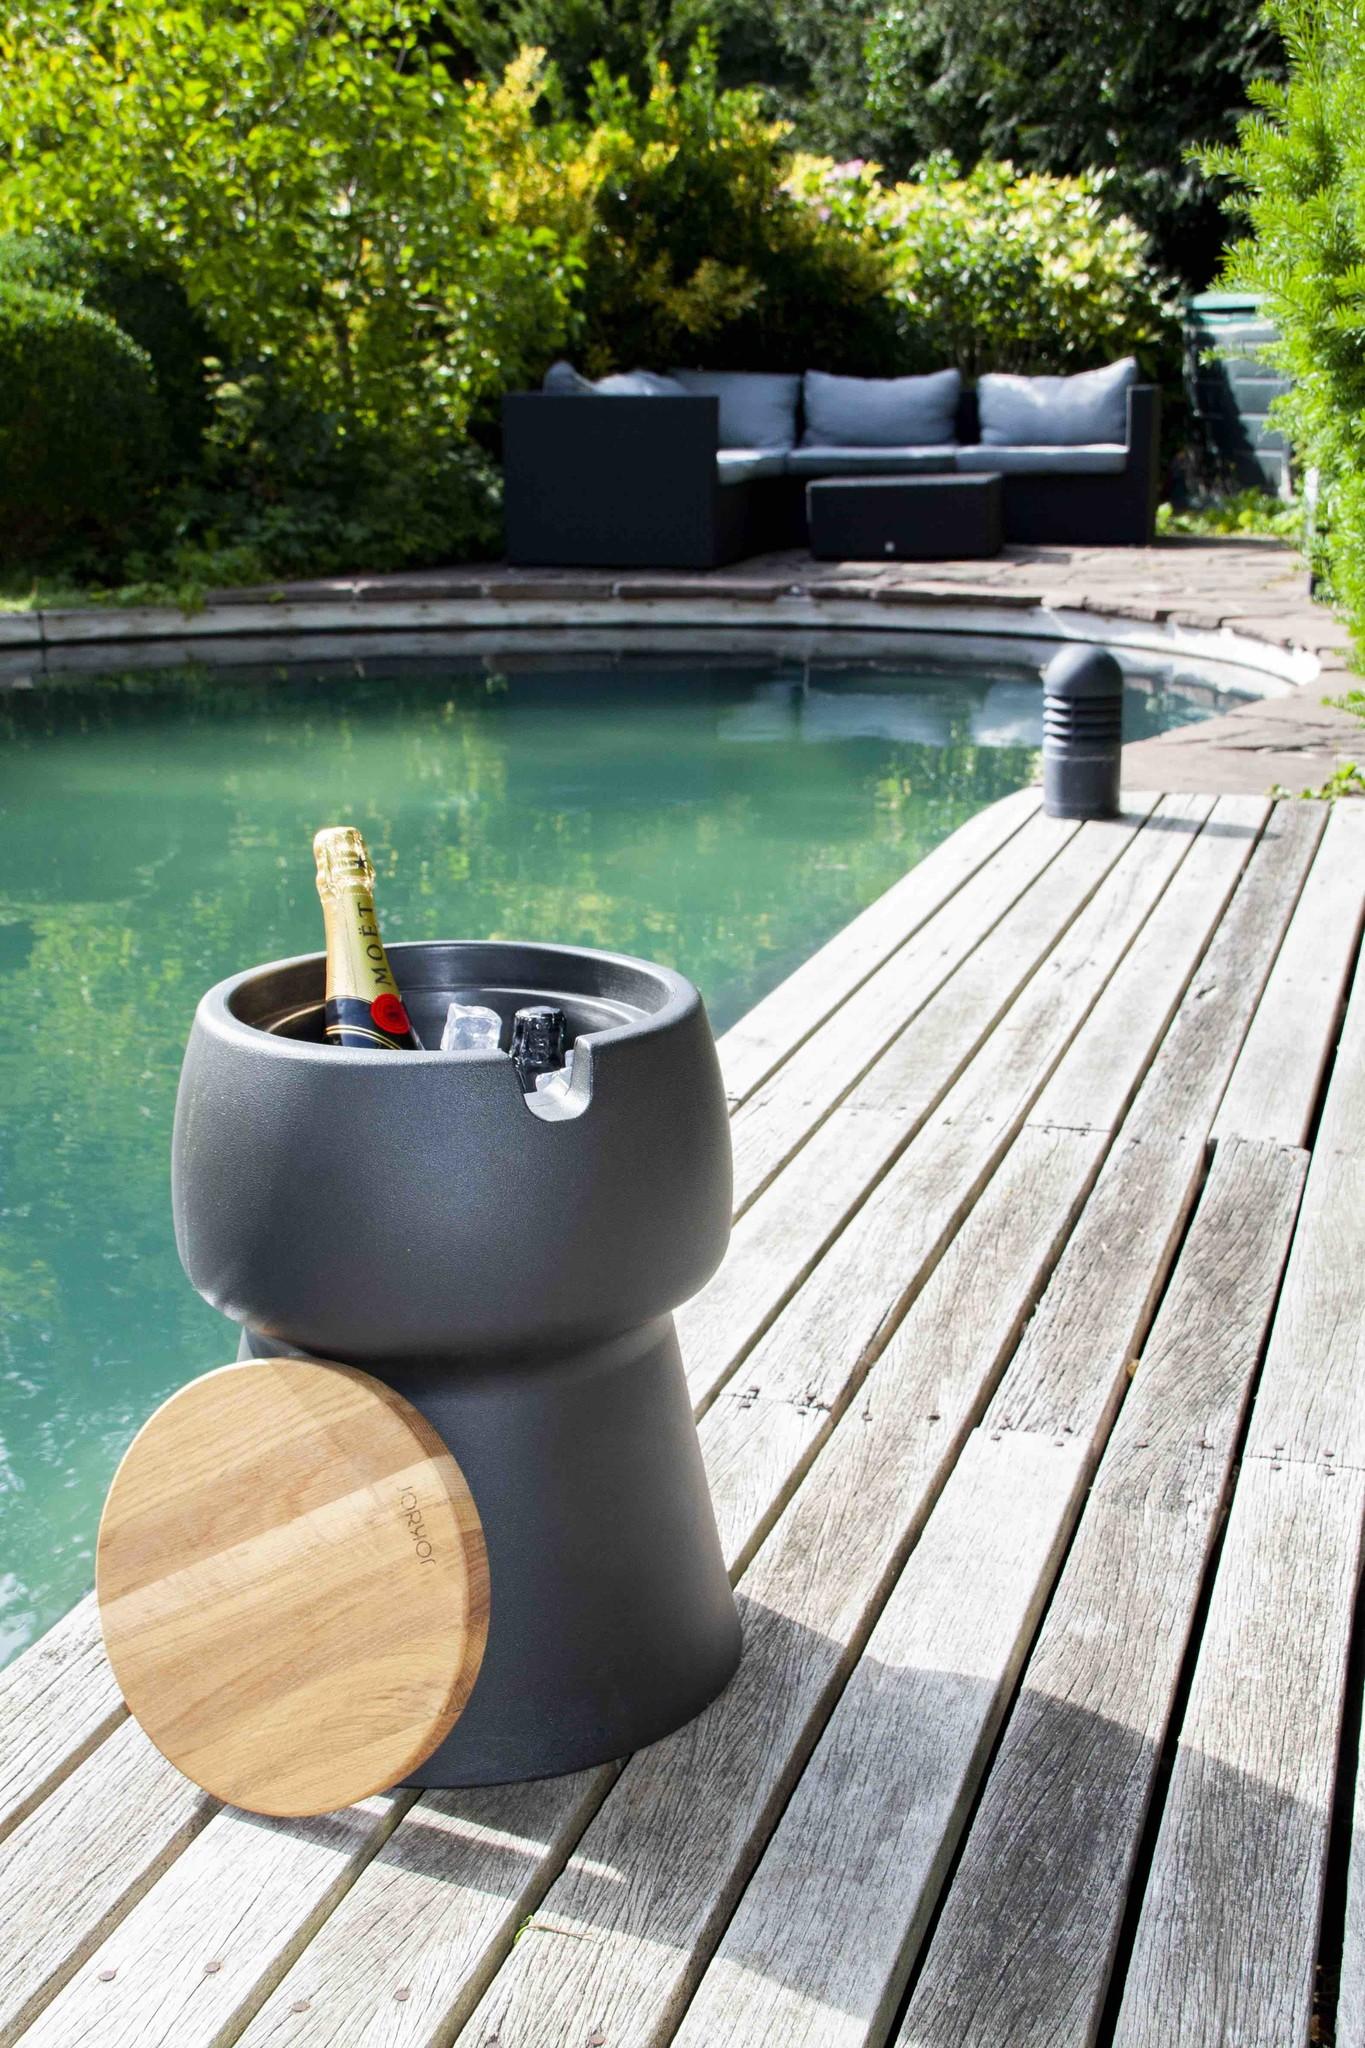 Champ Champ stool/cooler - Black